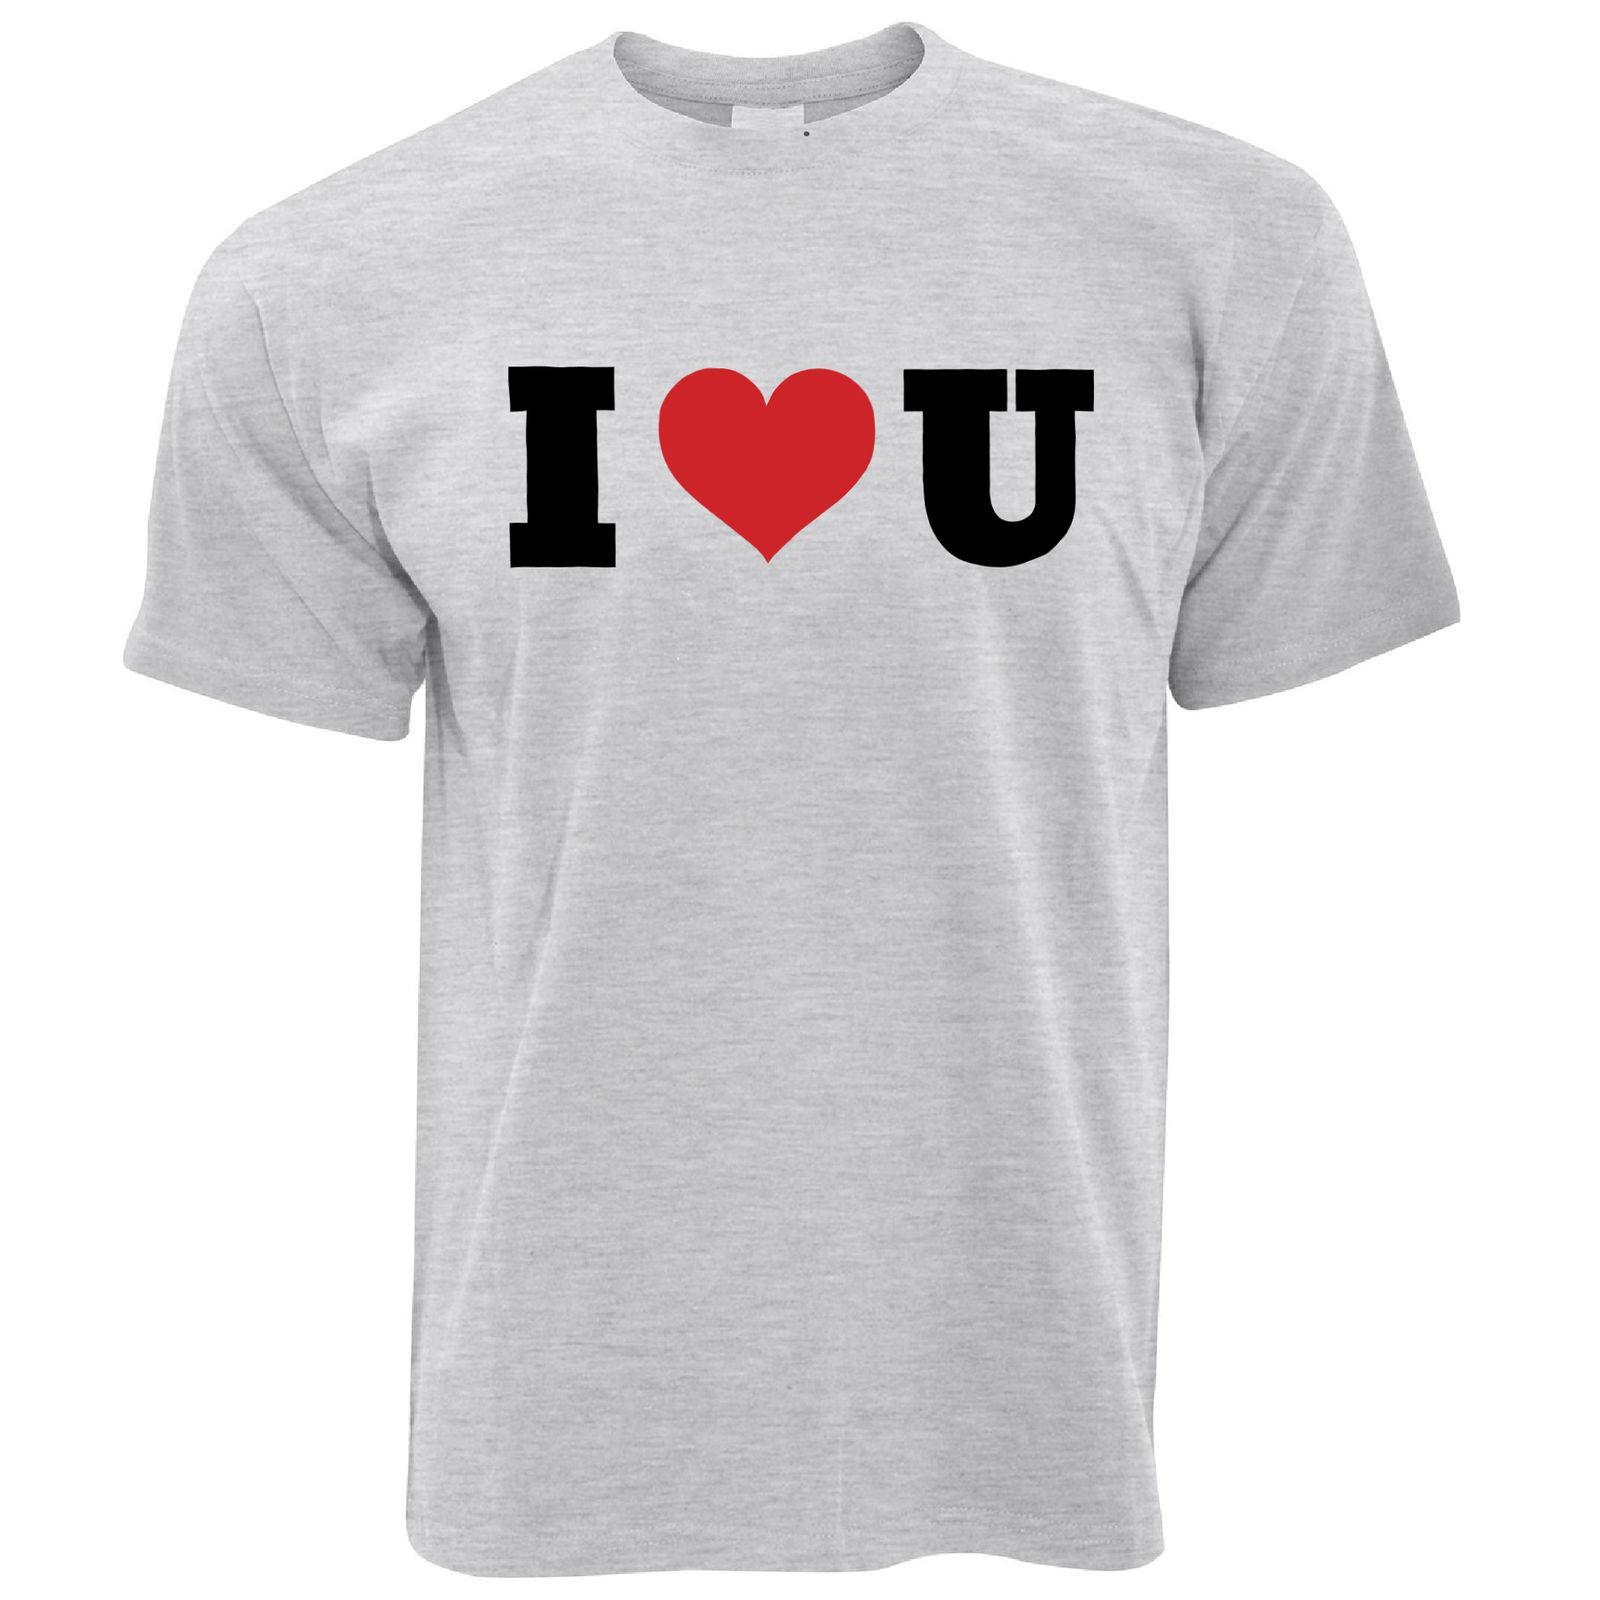 98767e9e8e9 Compre Detalles Zu I Heart U Camiseta Para Hombre Día Especial San Valentín  Relación Parejas Lema Divertido Envío Gratis Unisex Casual Camiseta De  Regalo A ...